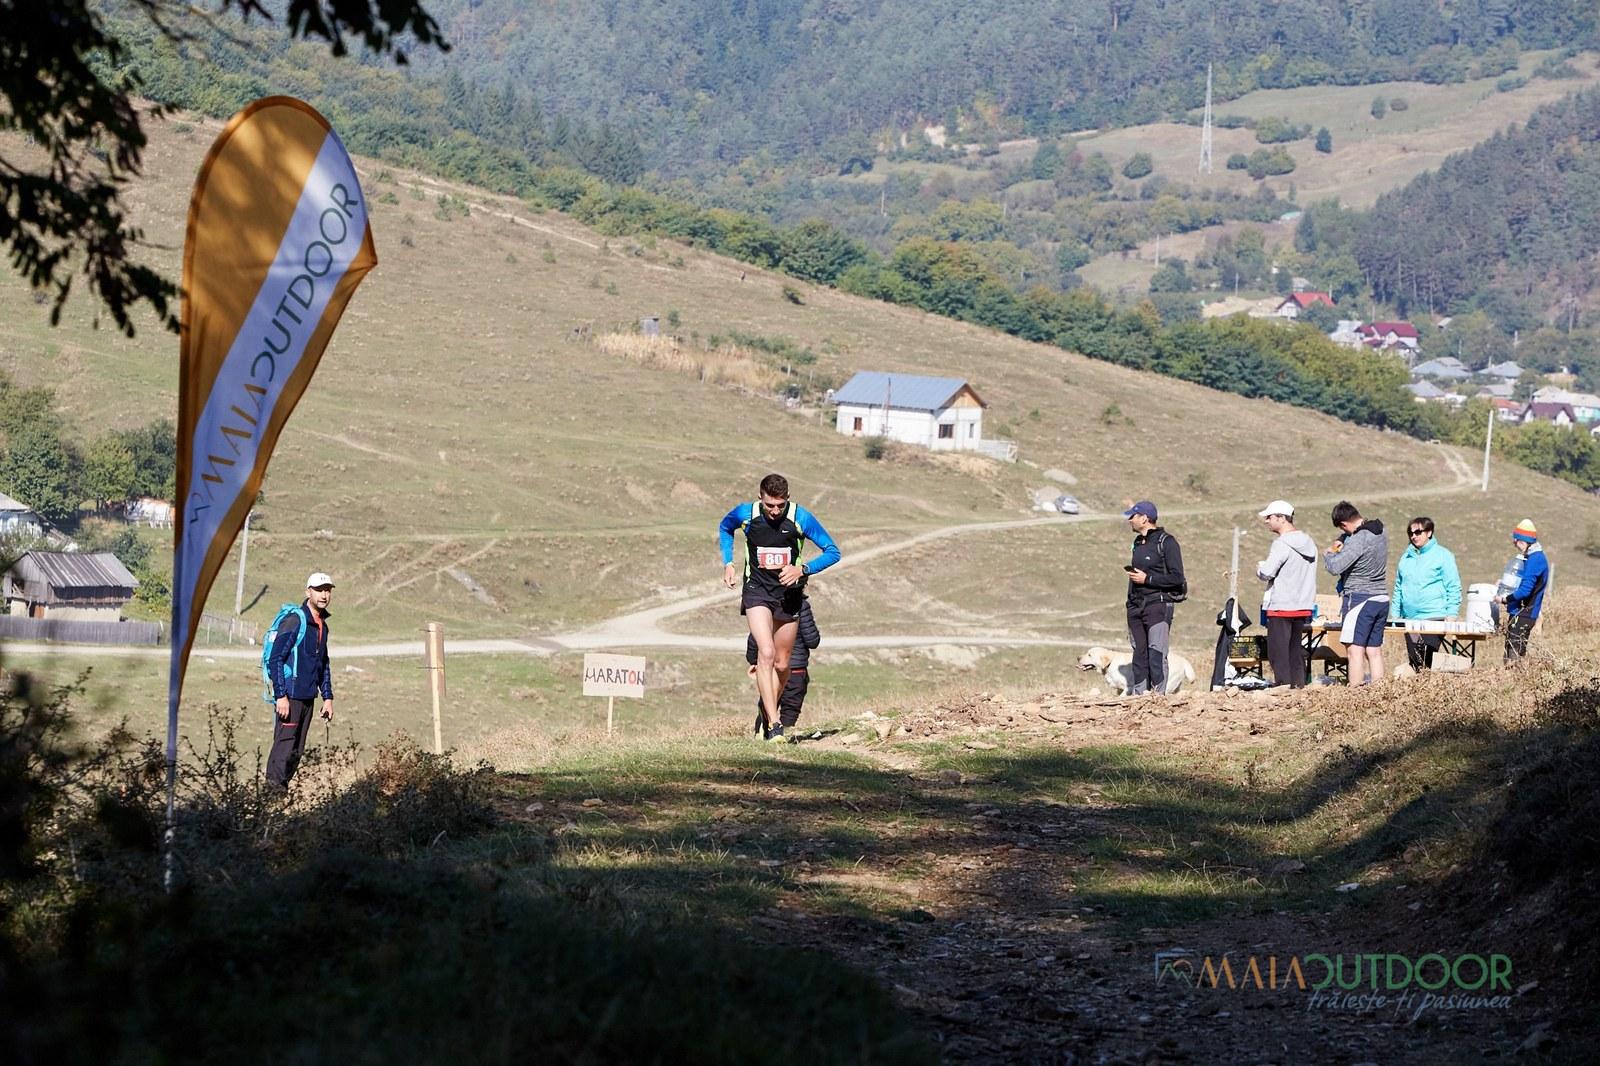 Semimaraton_Curtea_Domneasca_MaiaOutdoor.ro_IMG_6271-min